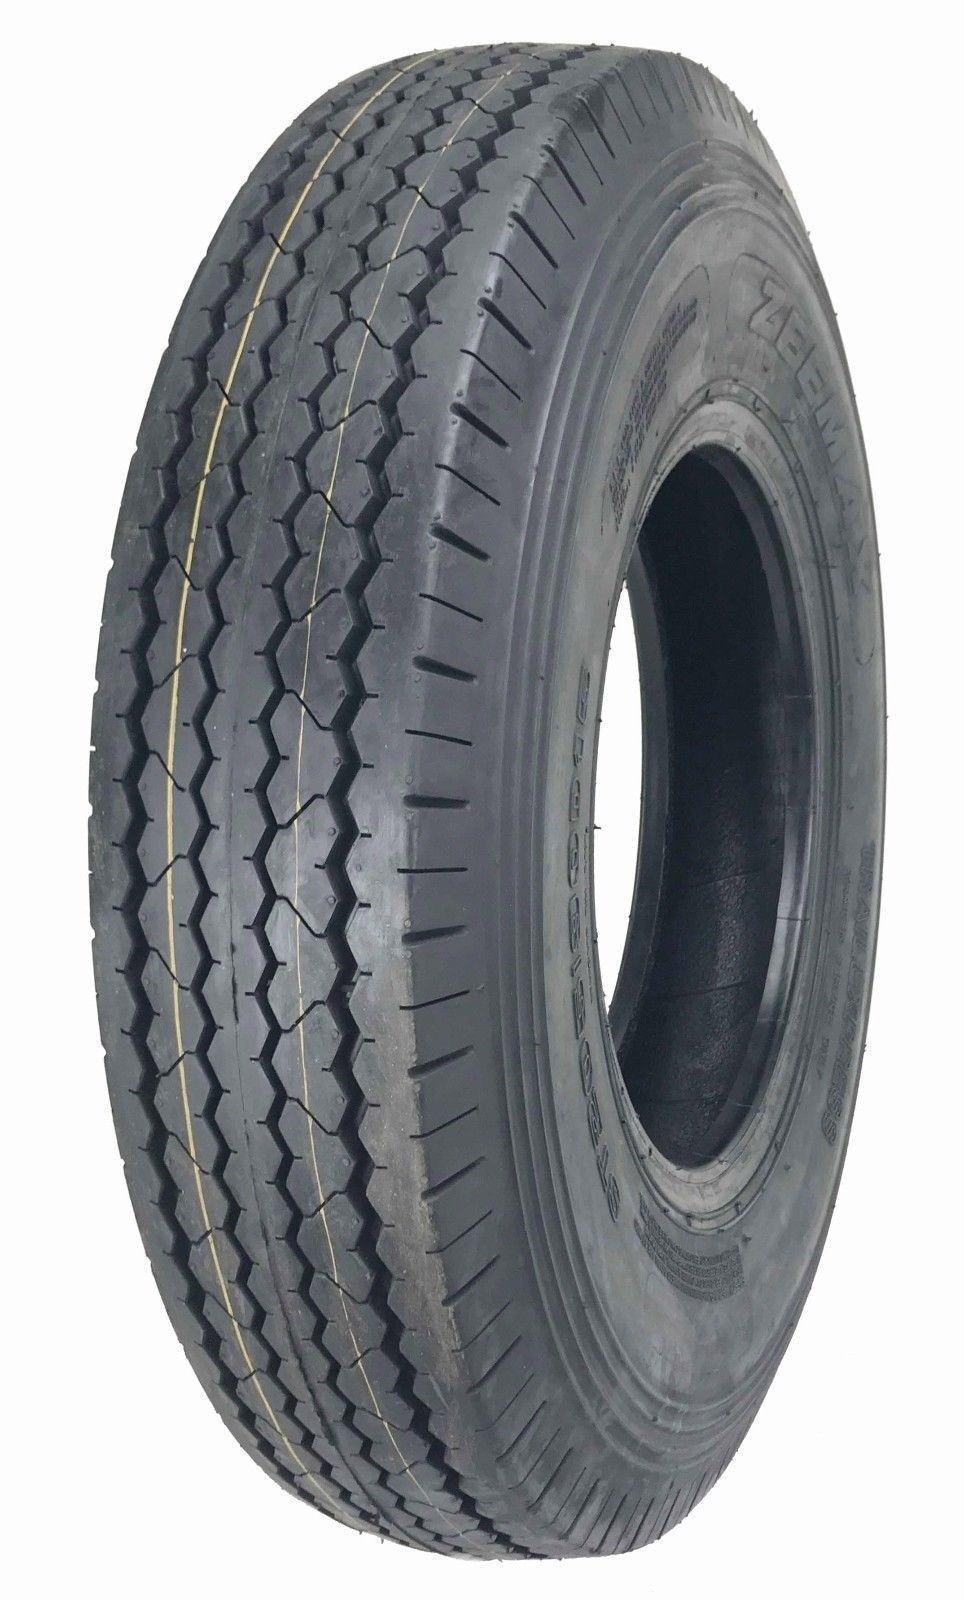 New Zeemax Heavy Duty Trailer Tire ST205/90D15 / 7.00-15 Bias 10 PR - 11024